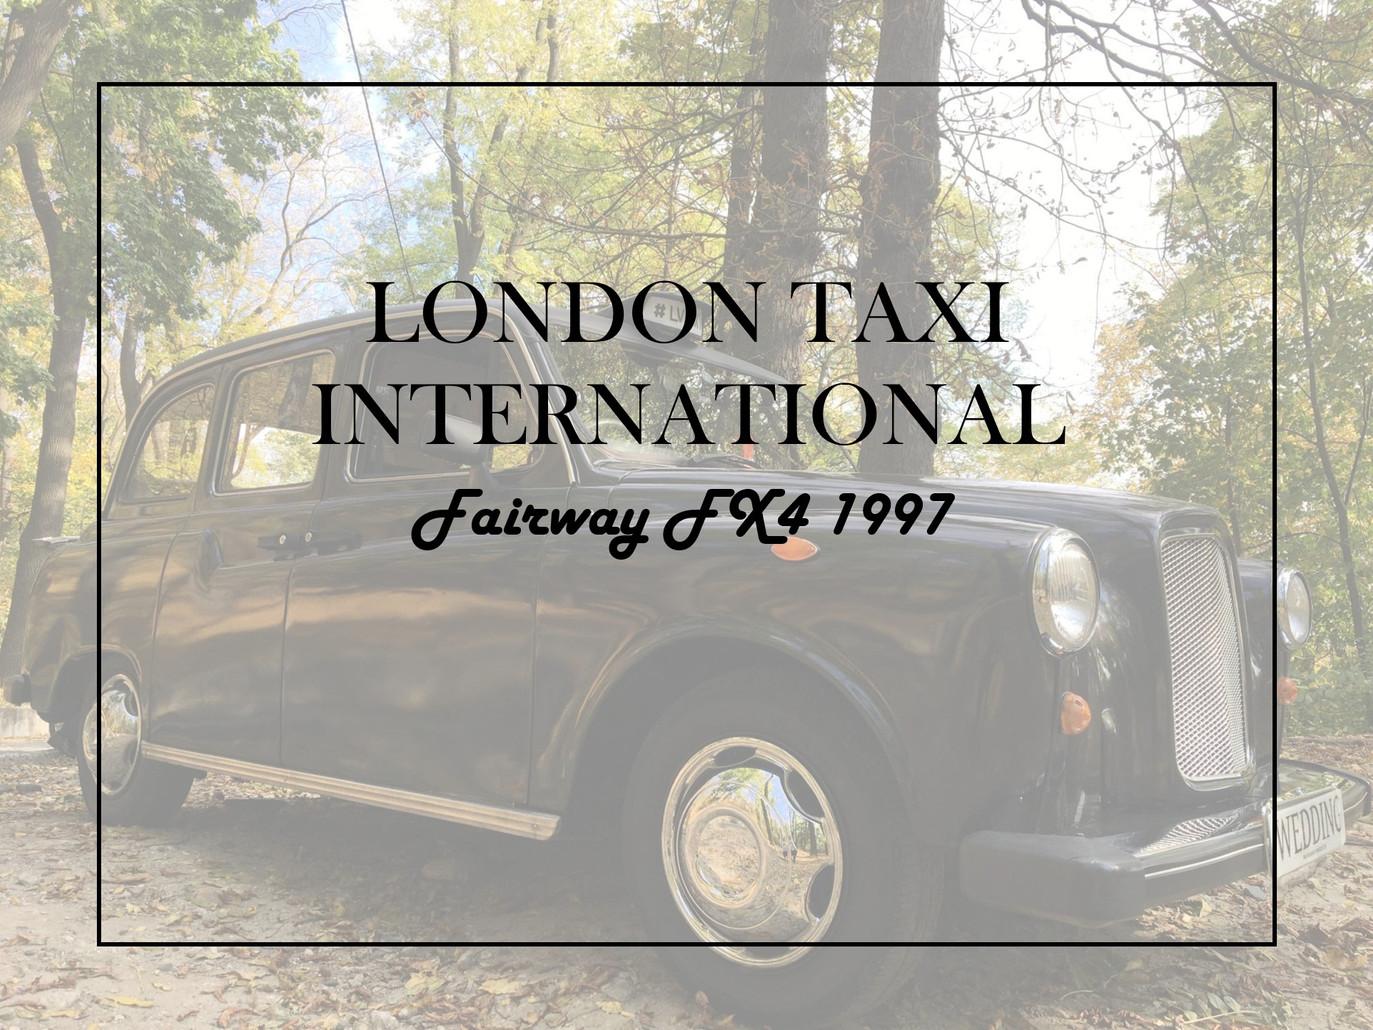 Єдине лондонське таксі (оригінальний кеб) у Львові